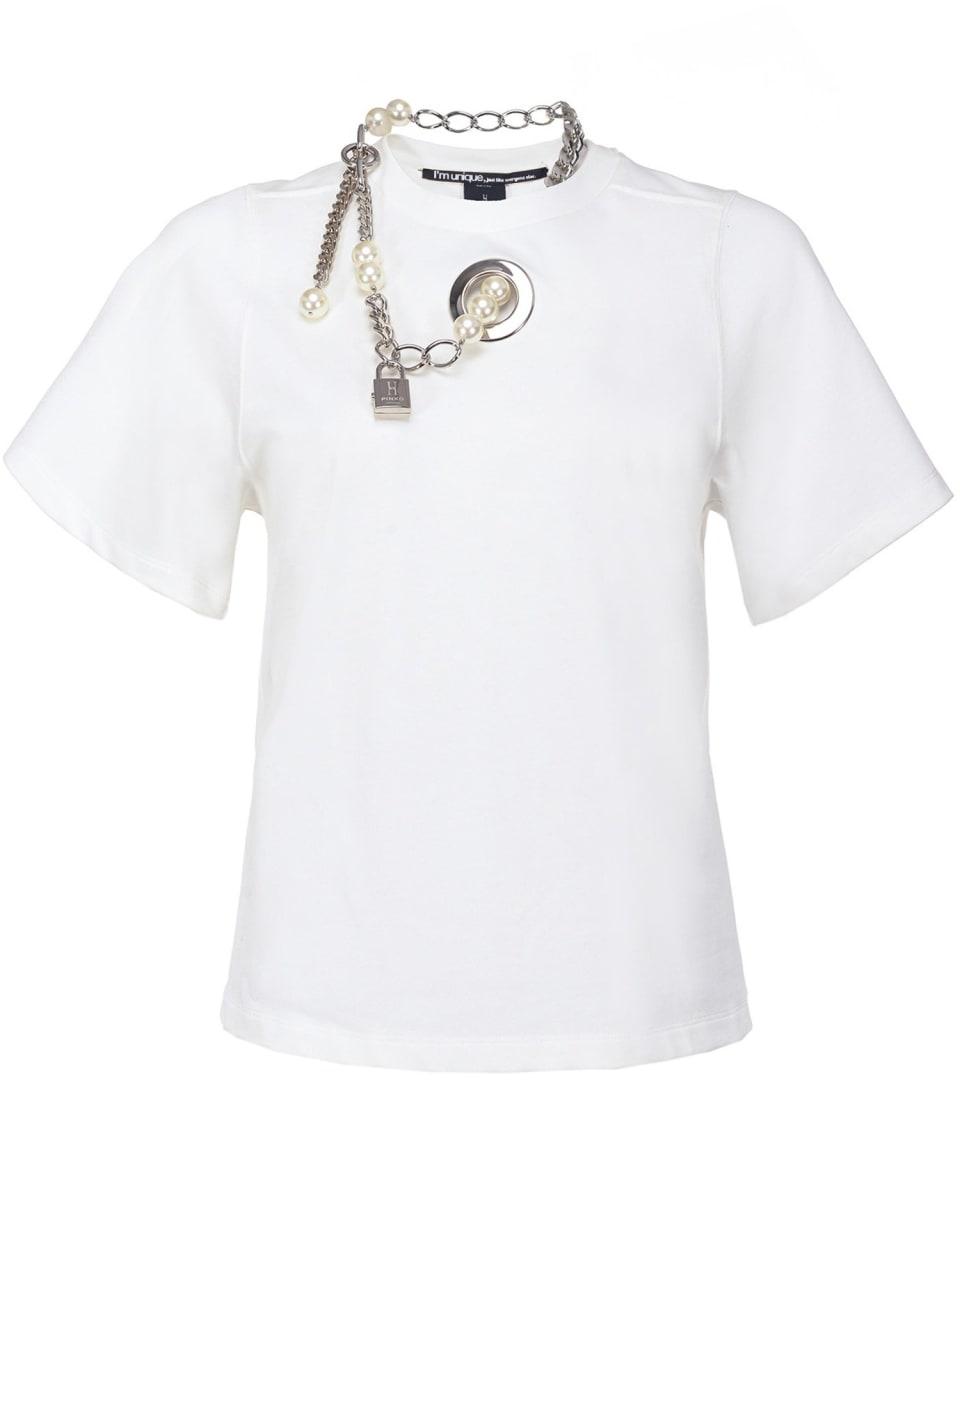 珍珠装饰T恤